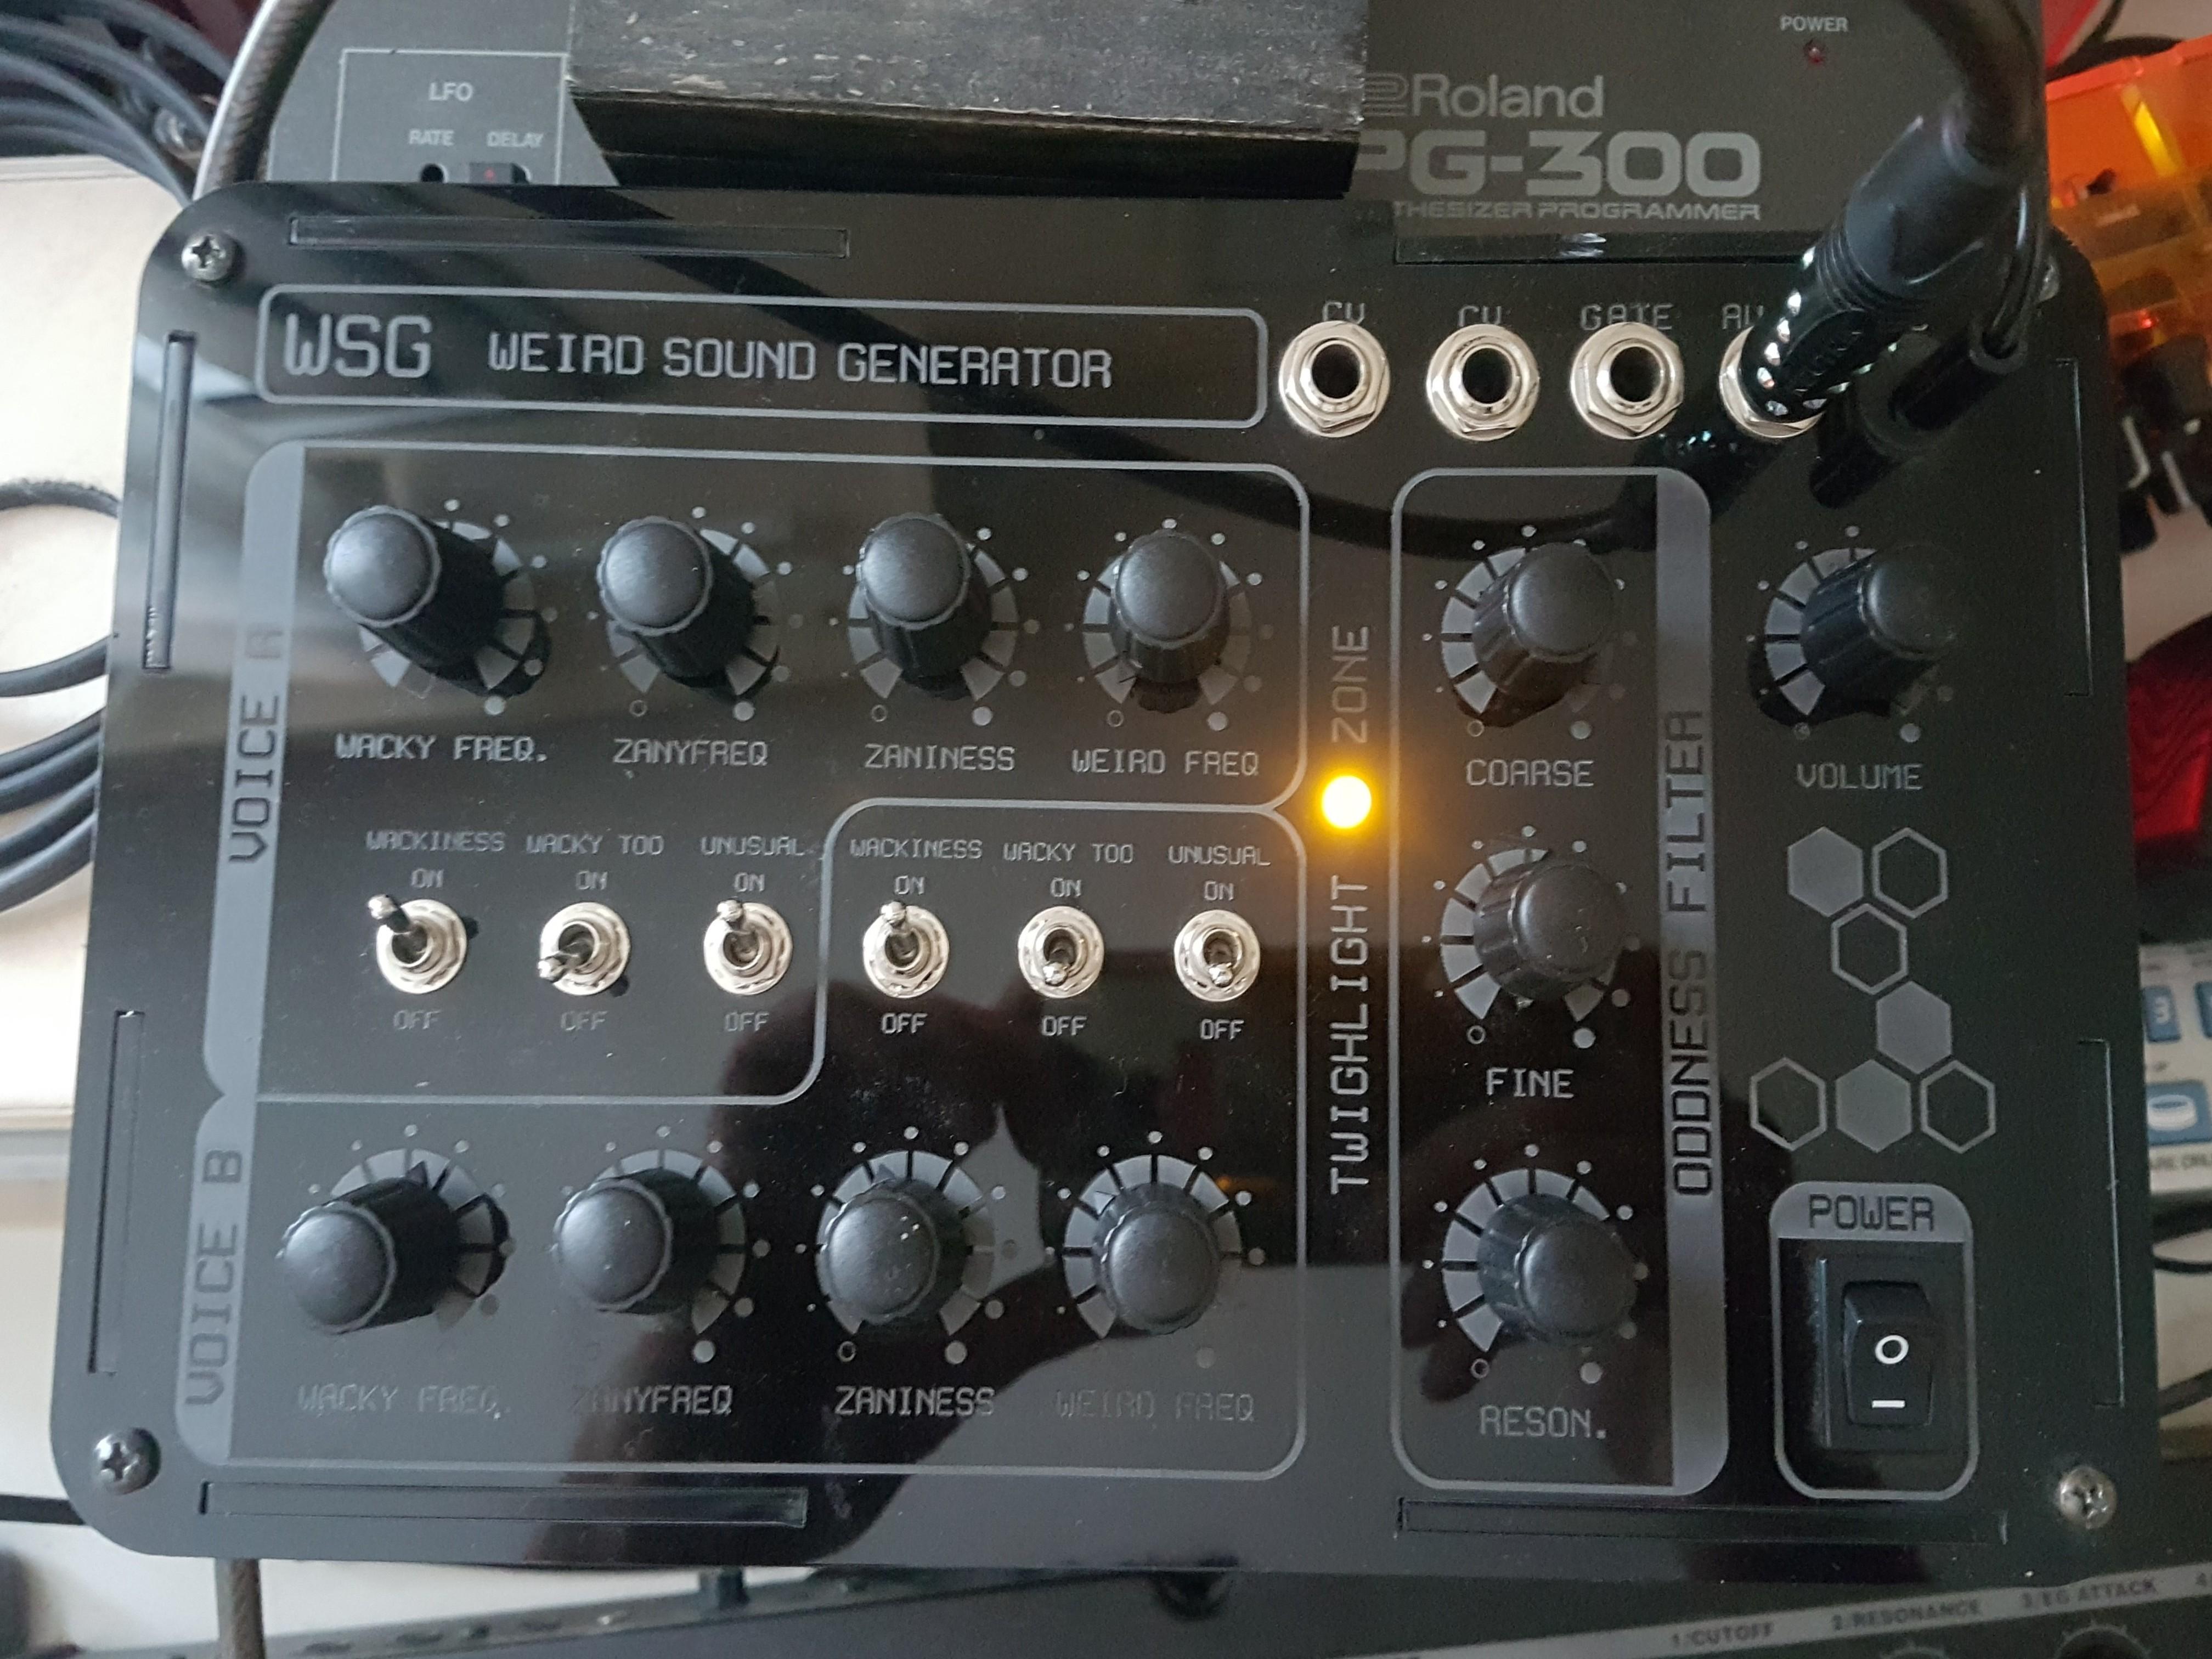 Weird Sound Generator (WSG)